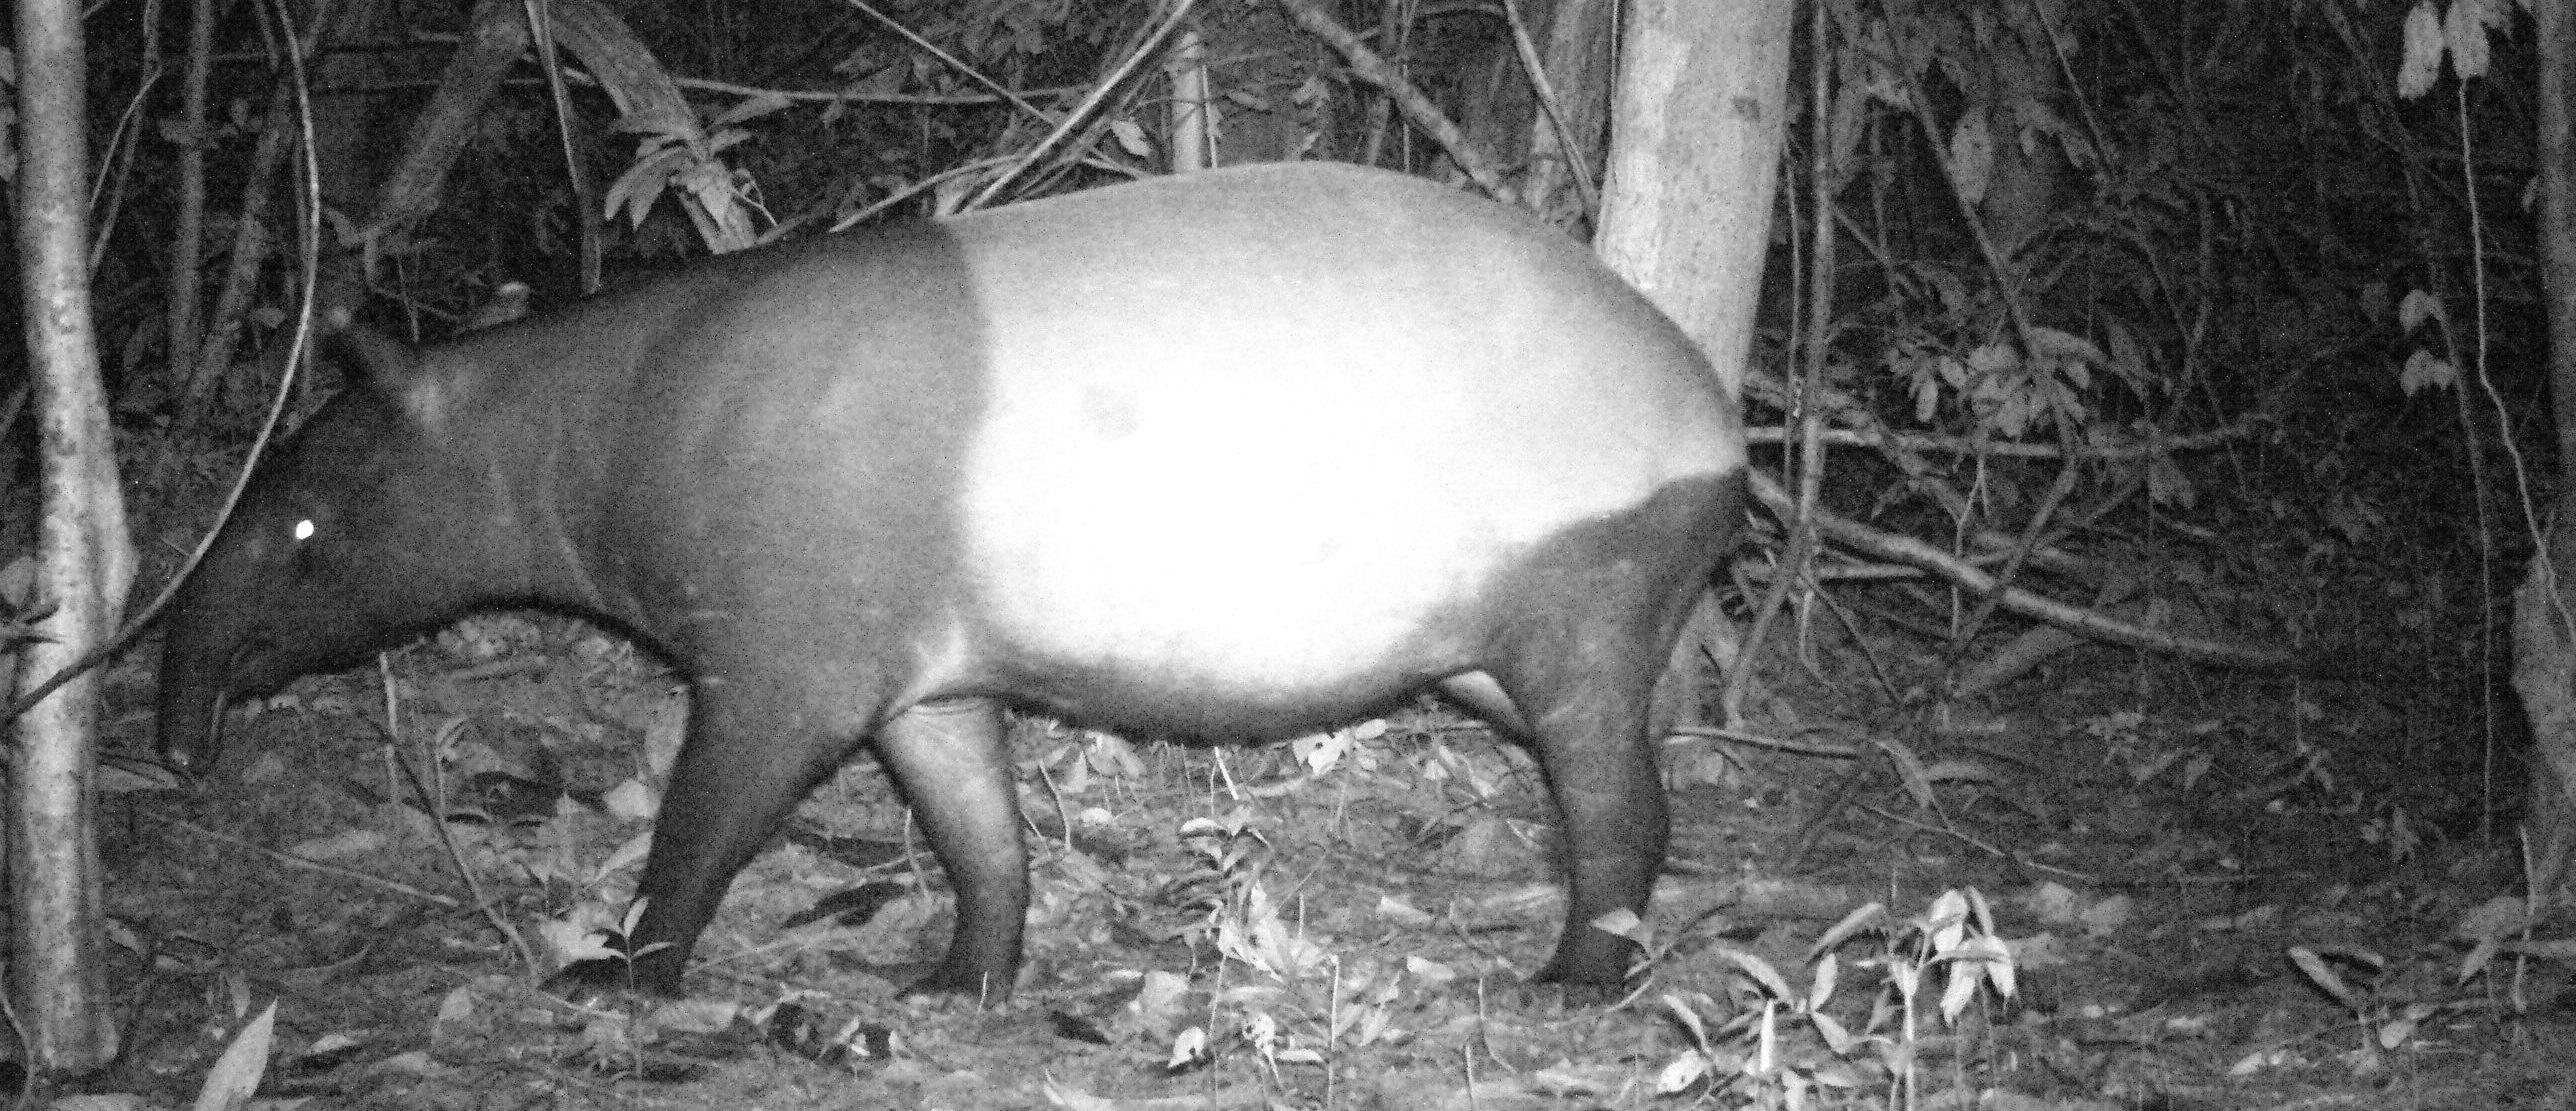 Ulu Muda tapir